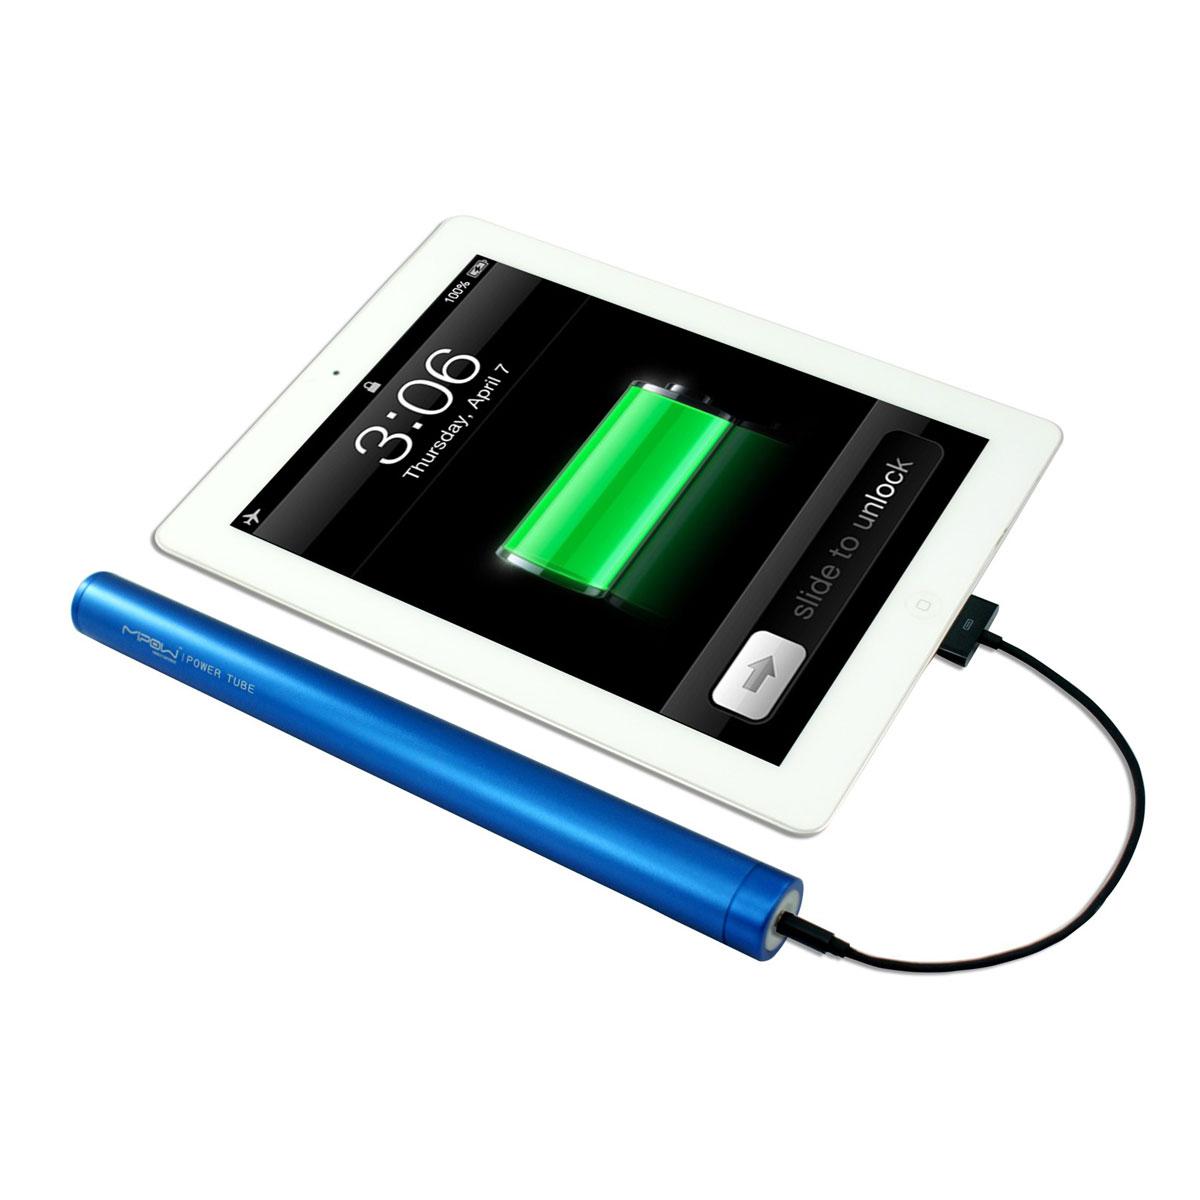 Mipow Power Tube 6600 Bleu - Batterie téléphone Mipow sur LDLC.com